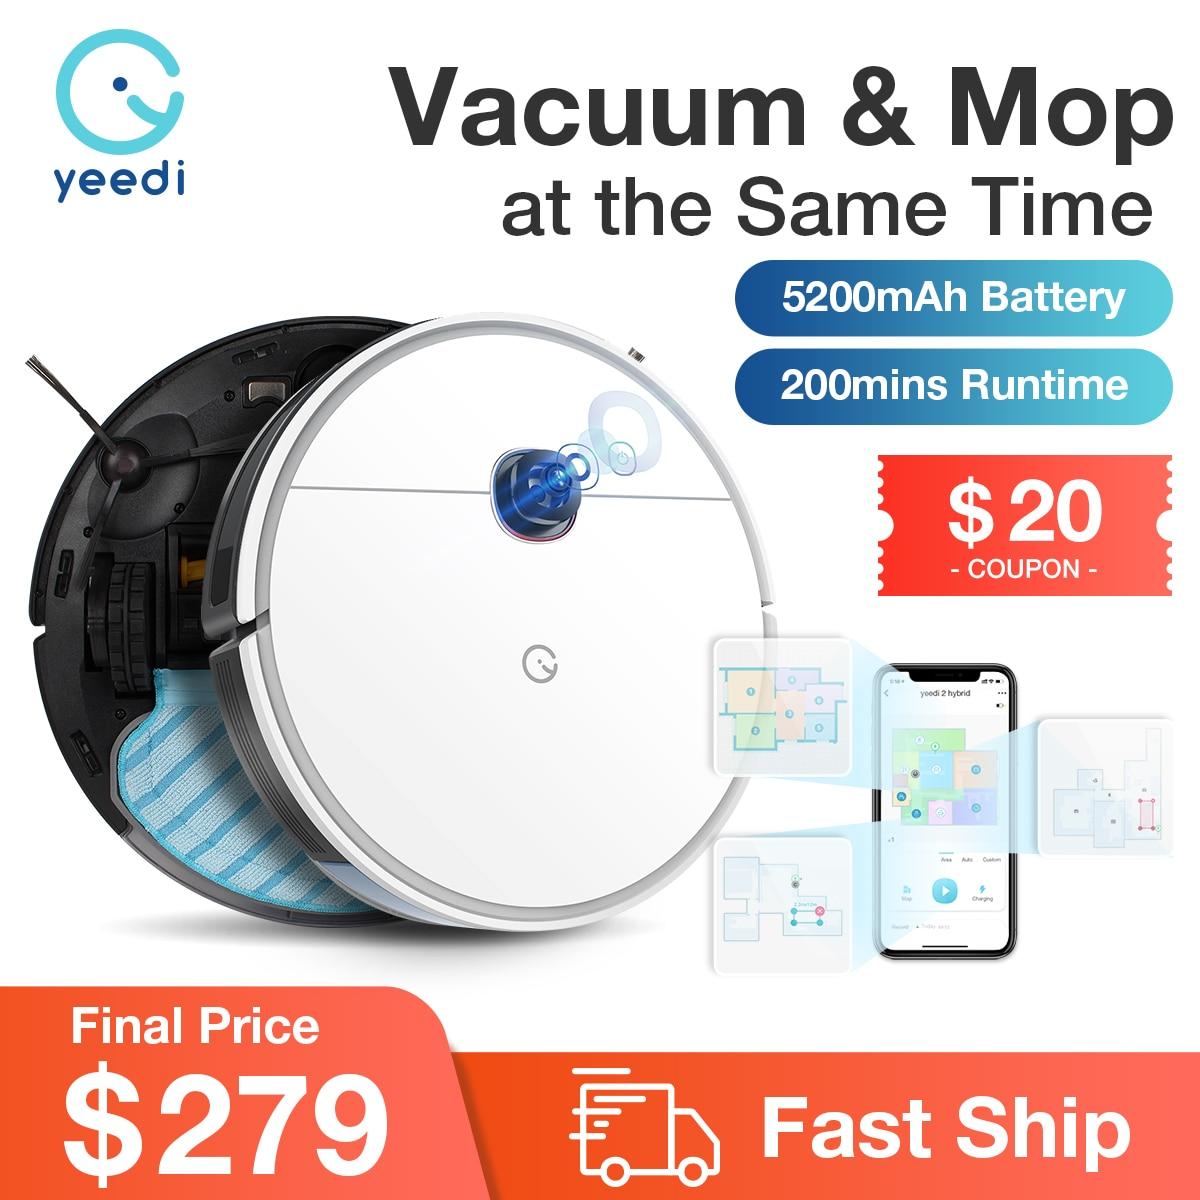 Yeedi 2 robô híbrido aspirador de pó de navegação visual, varredura mop 3in1, bundary virtual, 2500pa 200 minutos de tempo de execução, personalizar a limpeza